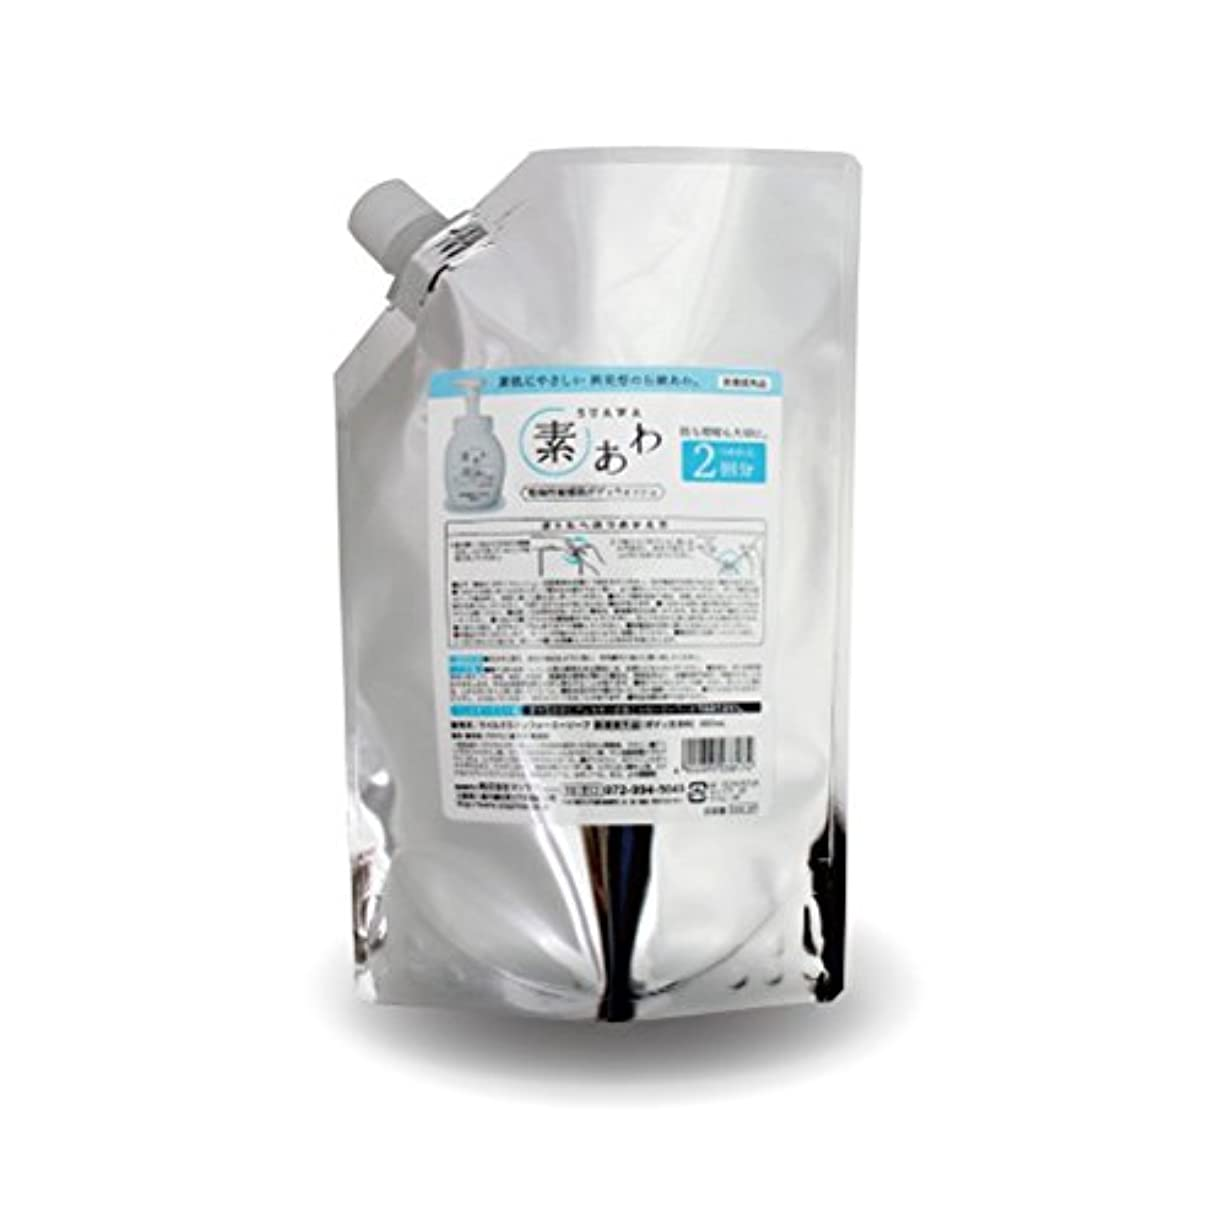 不名誉マナークラシカル薬用 素あわ 泡タイプ ボディソープ 詰替2回分パウチ 800mL 乾 燥 肌 ? 敏 感 肌 に